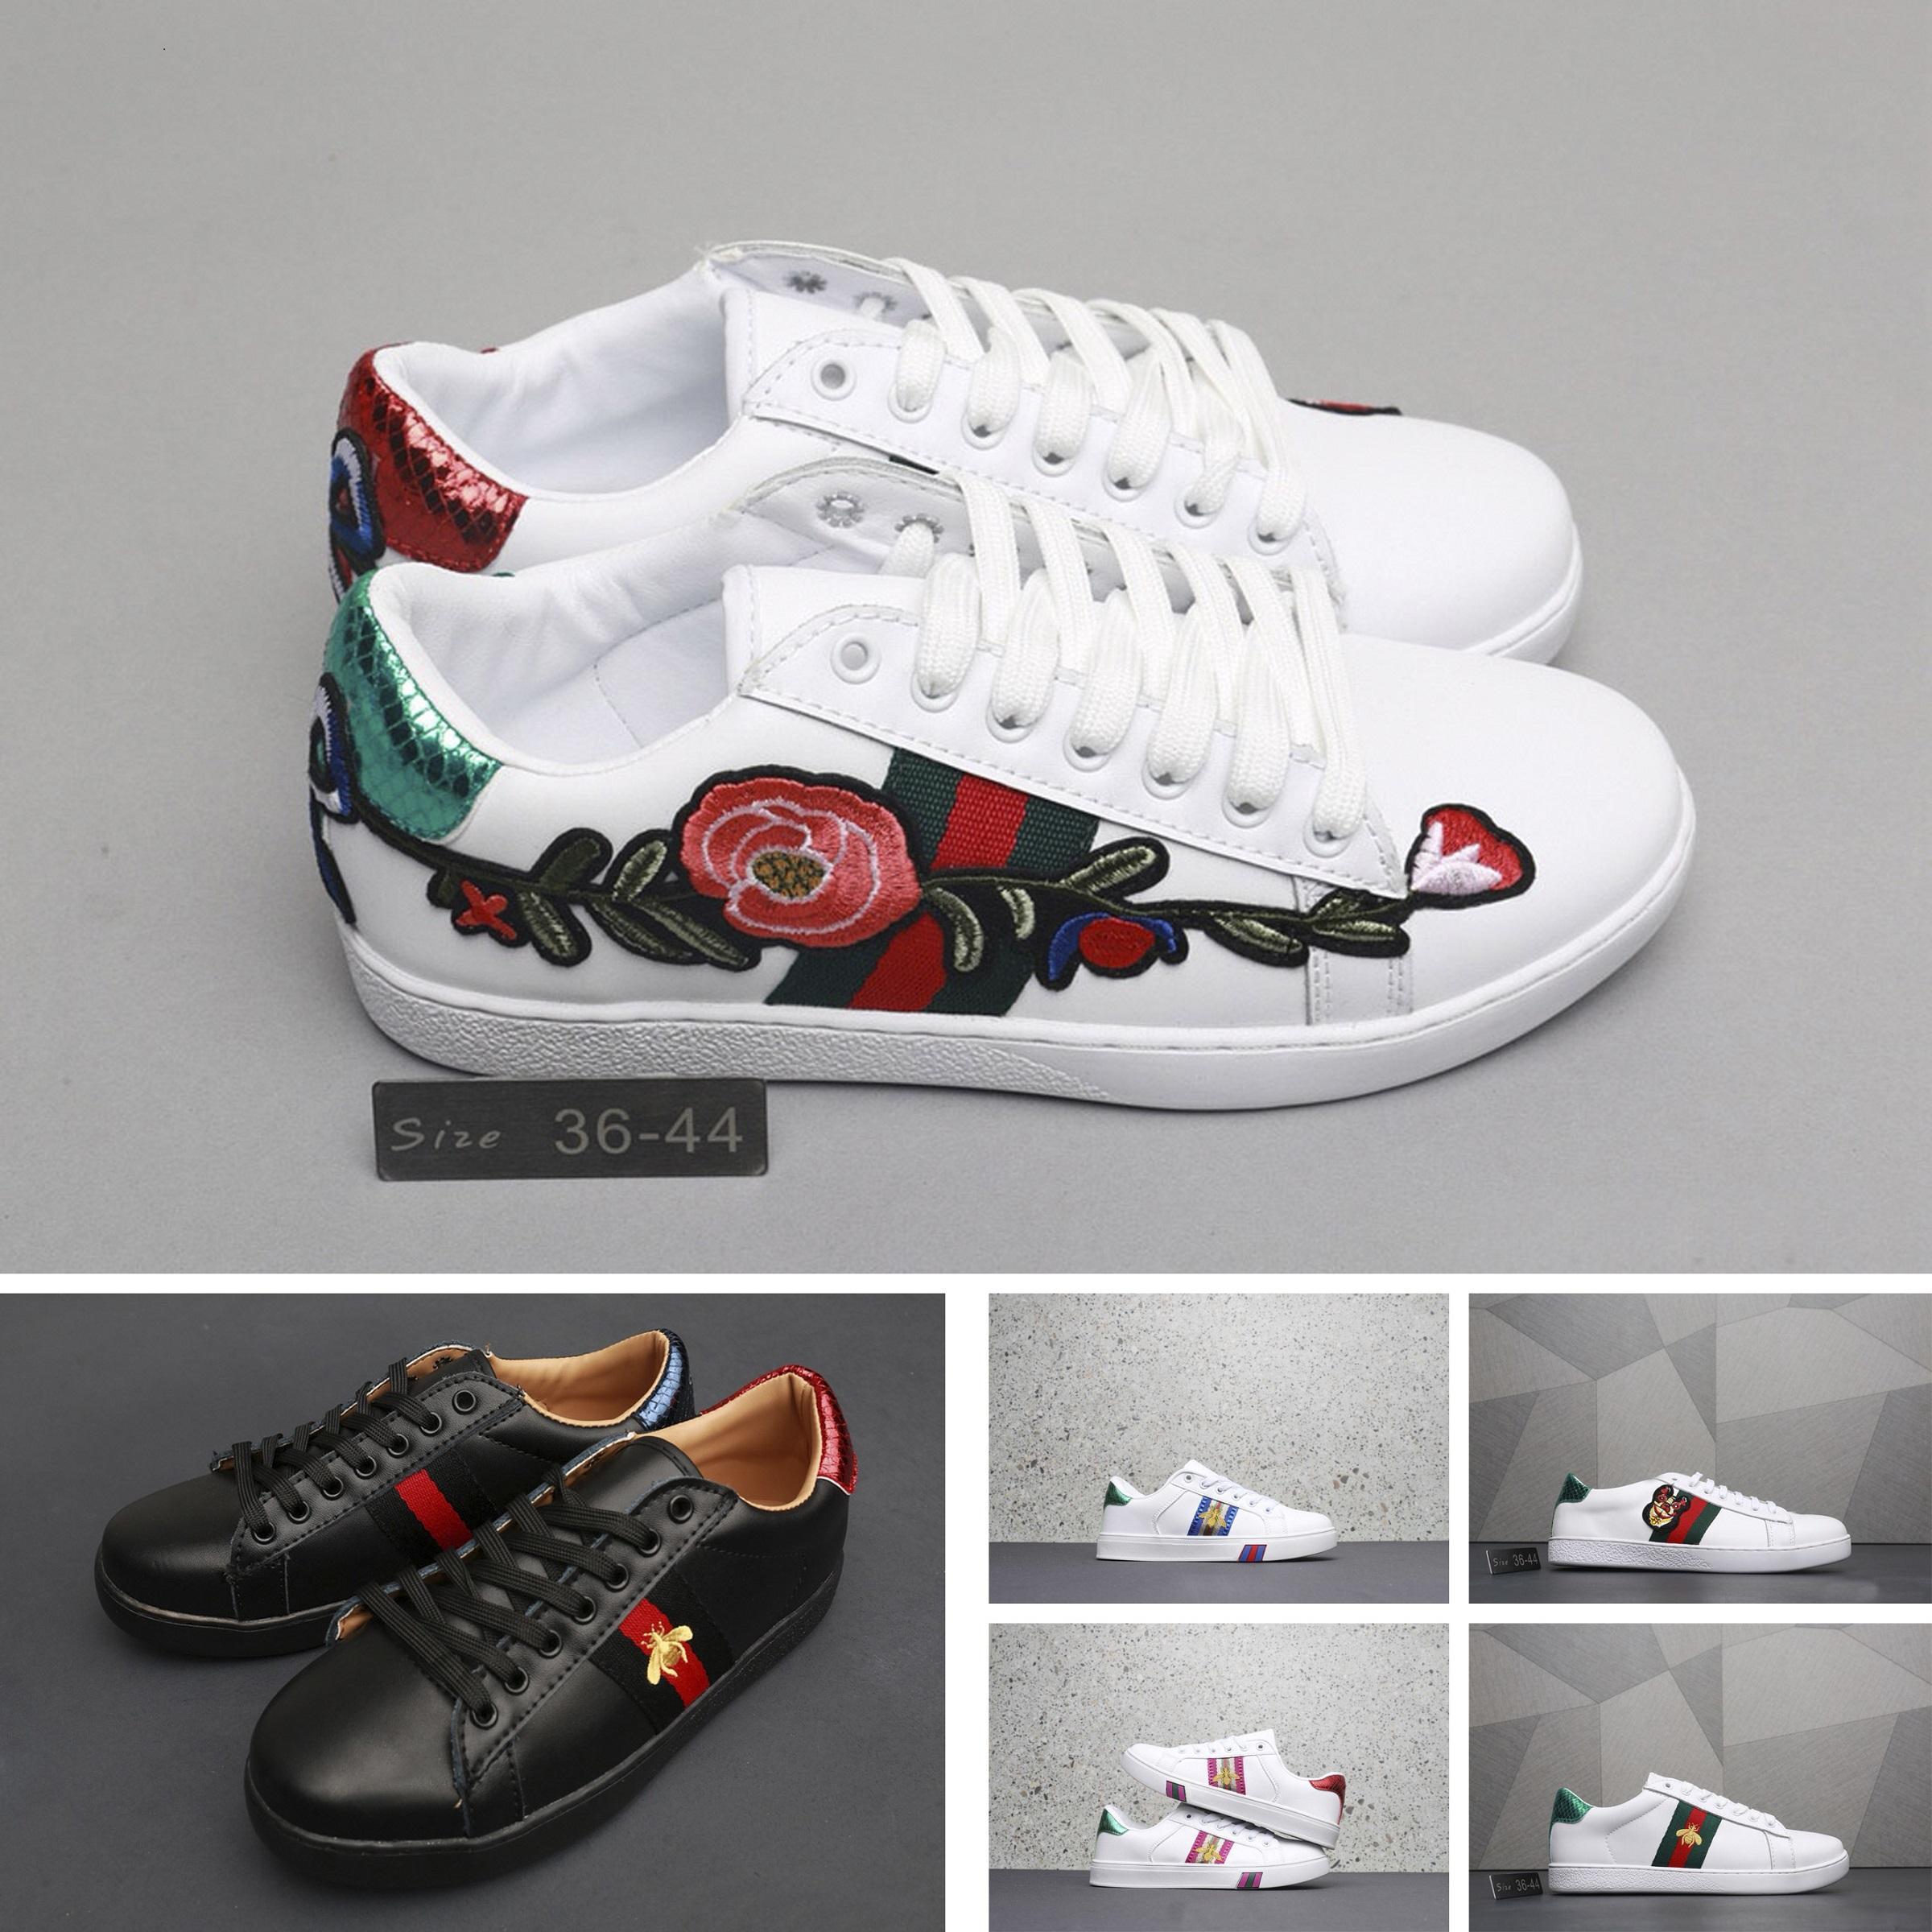 c9f8646ff Compre Mens Gucci Las Zapatillas Deportivas Para Hombre Más Vendidas,  Letras Bordadas, Cosmos, Abeja, Cabeza De Lobo, Zapatos Para Hombre Zapatos  De ...